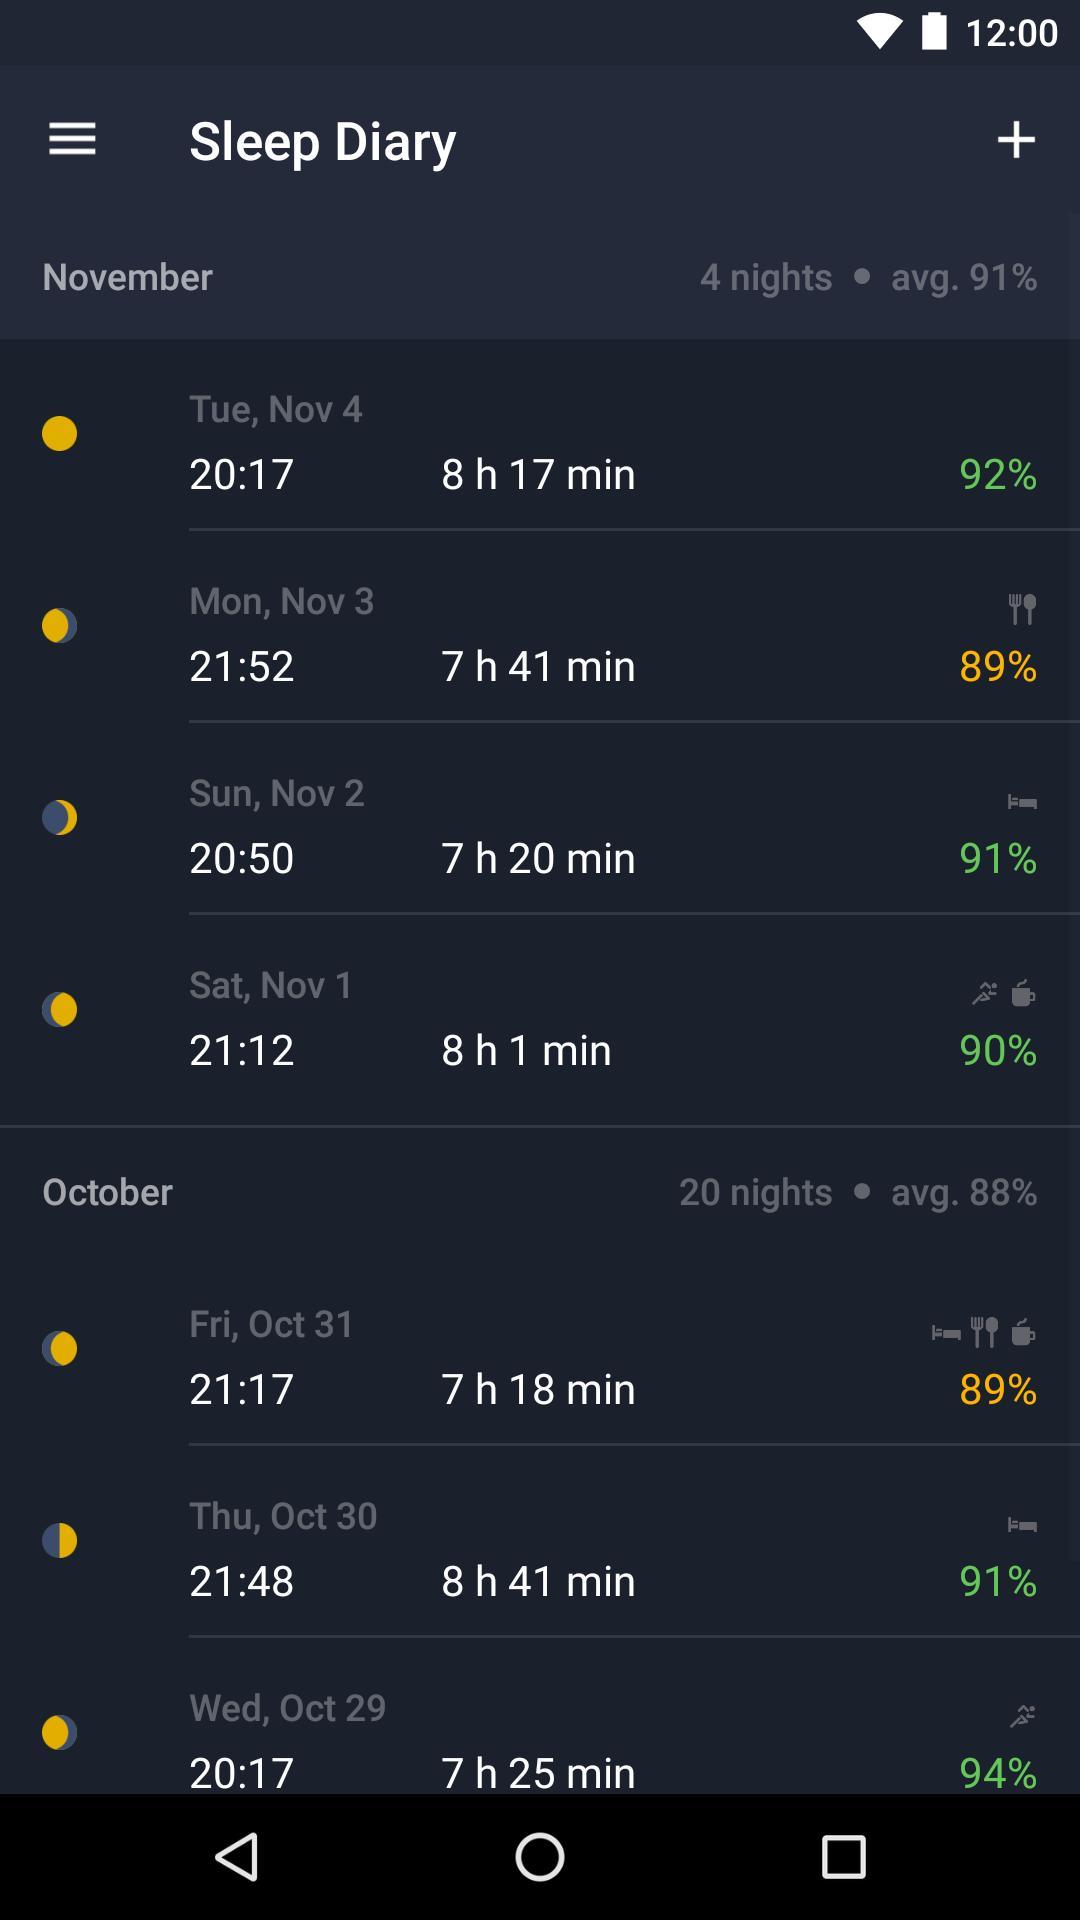 Runtastic Sleep Better: Sleep Cycle & Smart Alarm 2.6.1 Screenshot 3